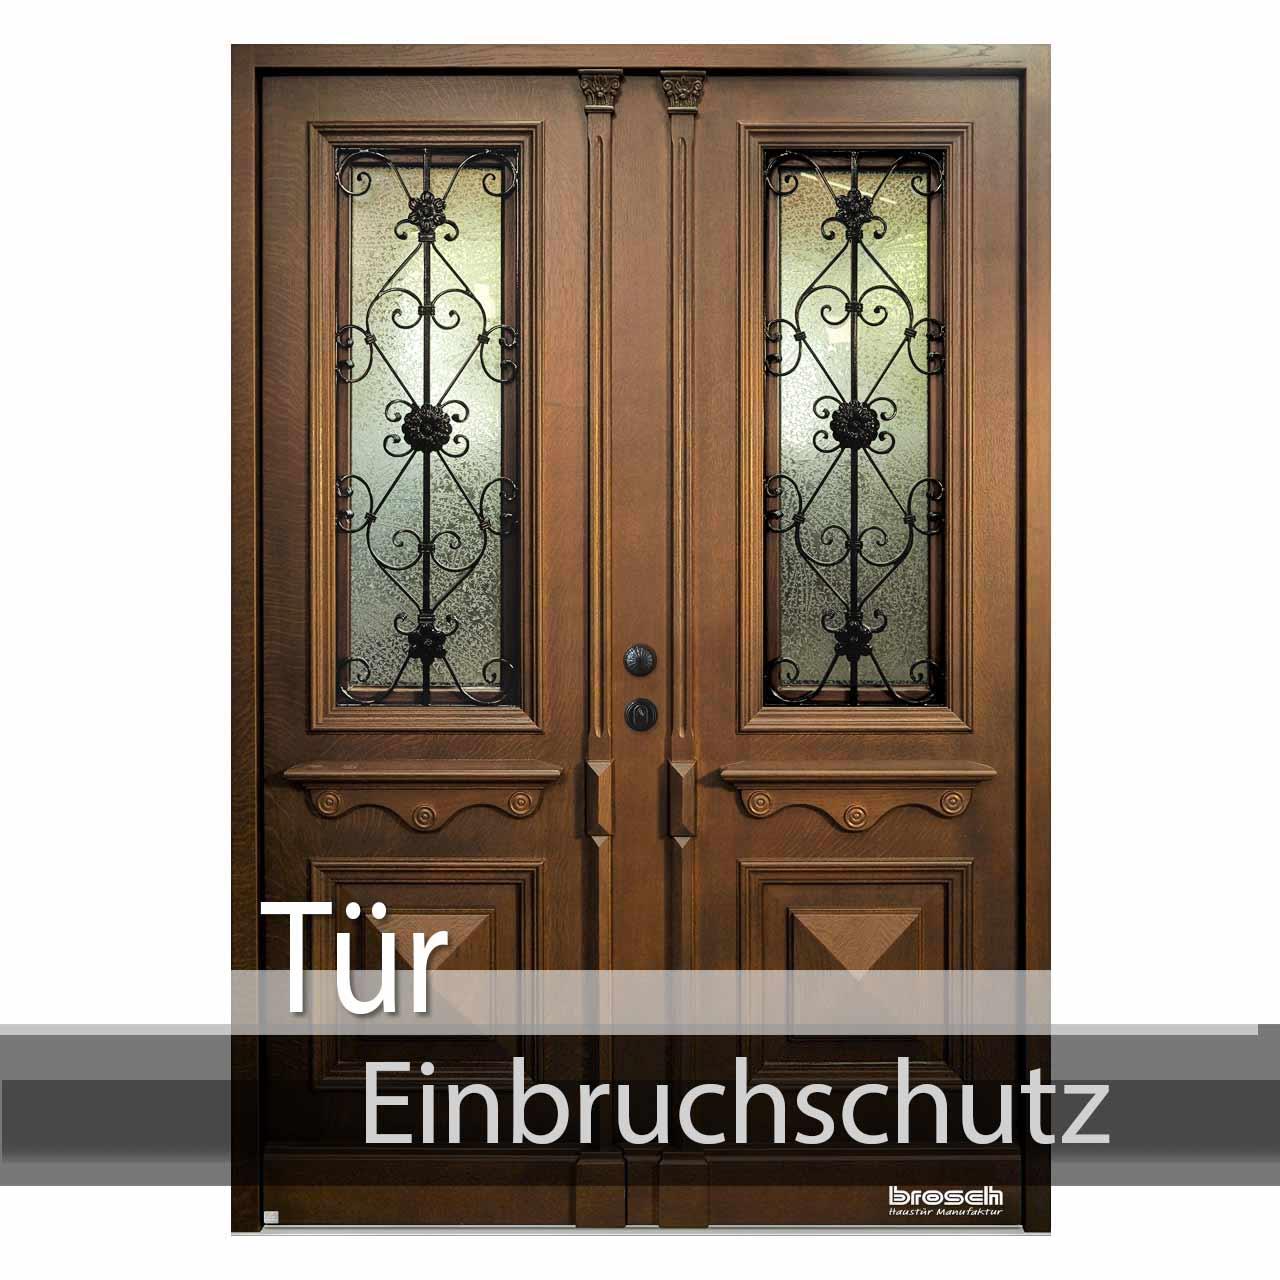 Tür Einbruchschutz